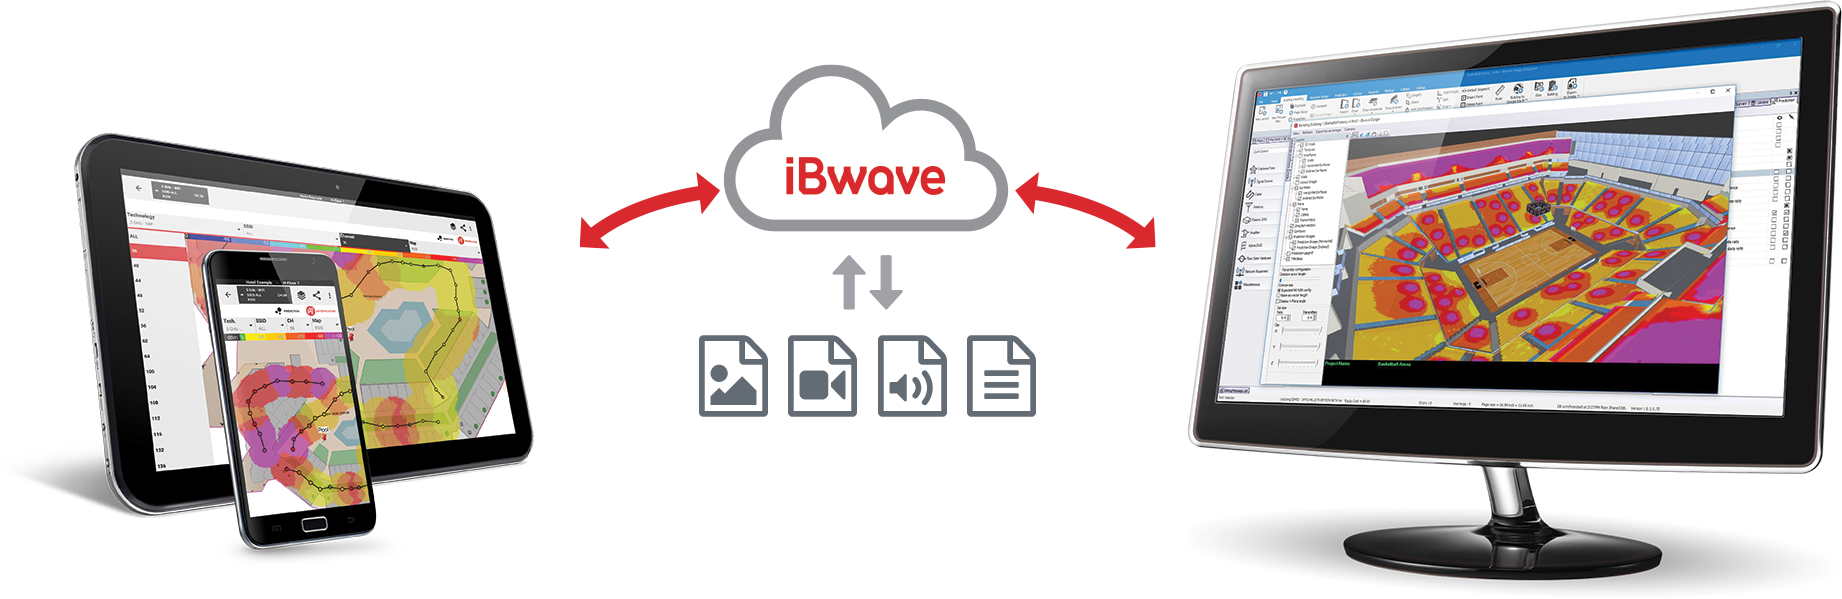 wifi-cloud-collab2